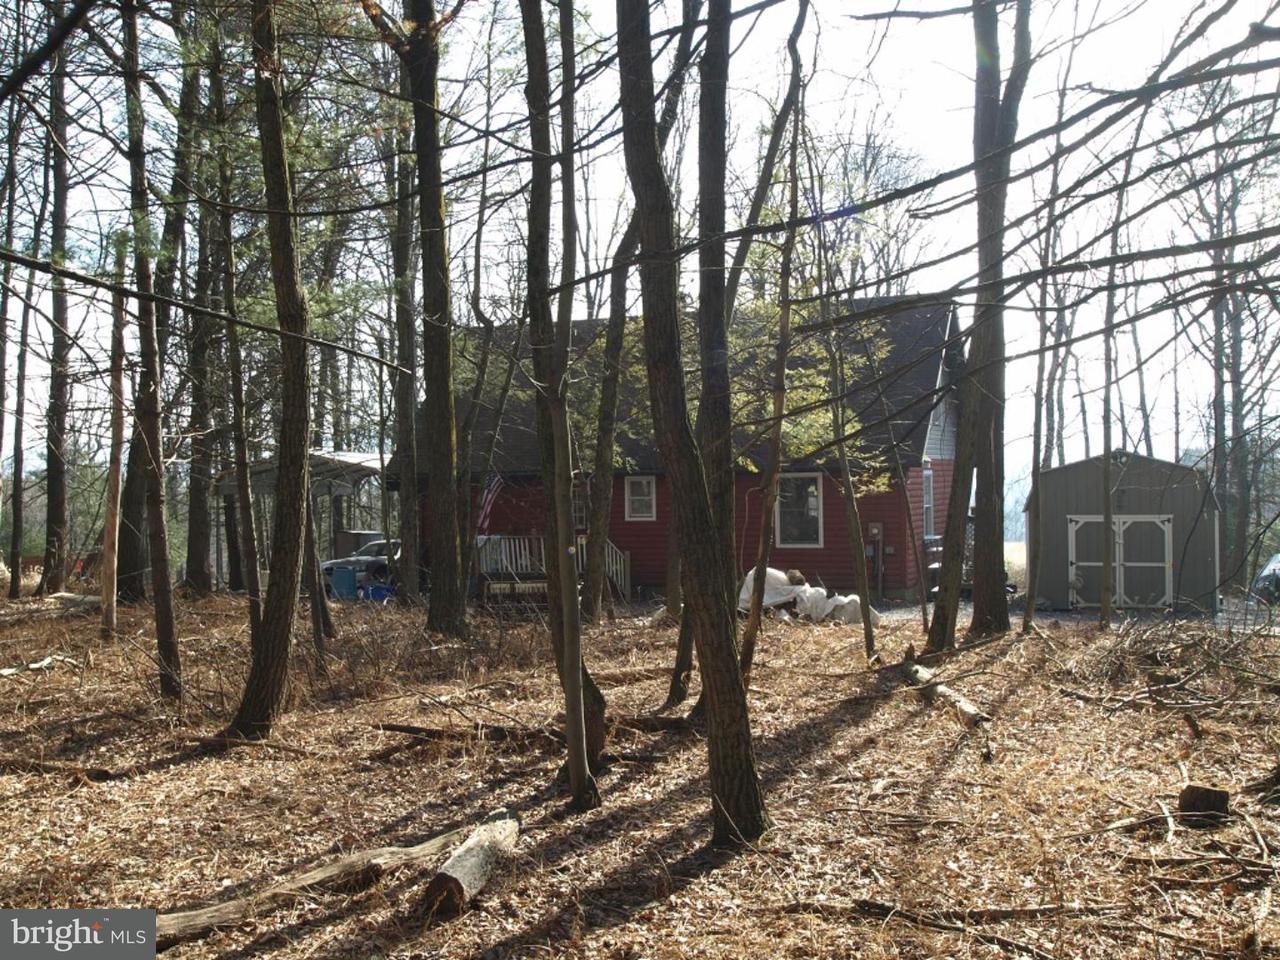 Частный односемейный дом для того Продажа на 545 FOREST Drive Palmerton, Пенсильвания 18071 Соединенные Штаты